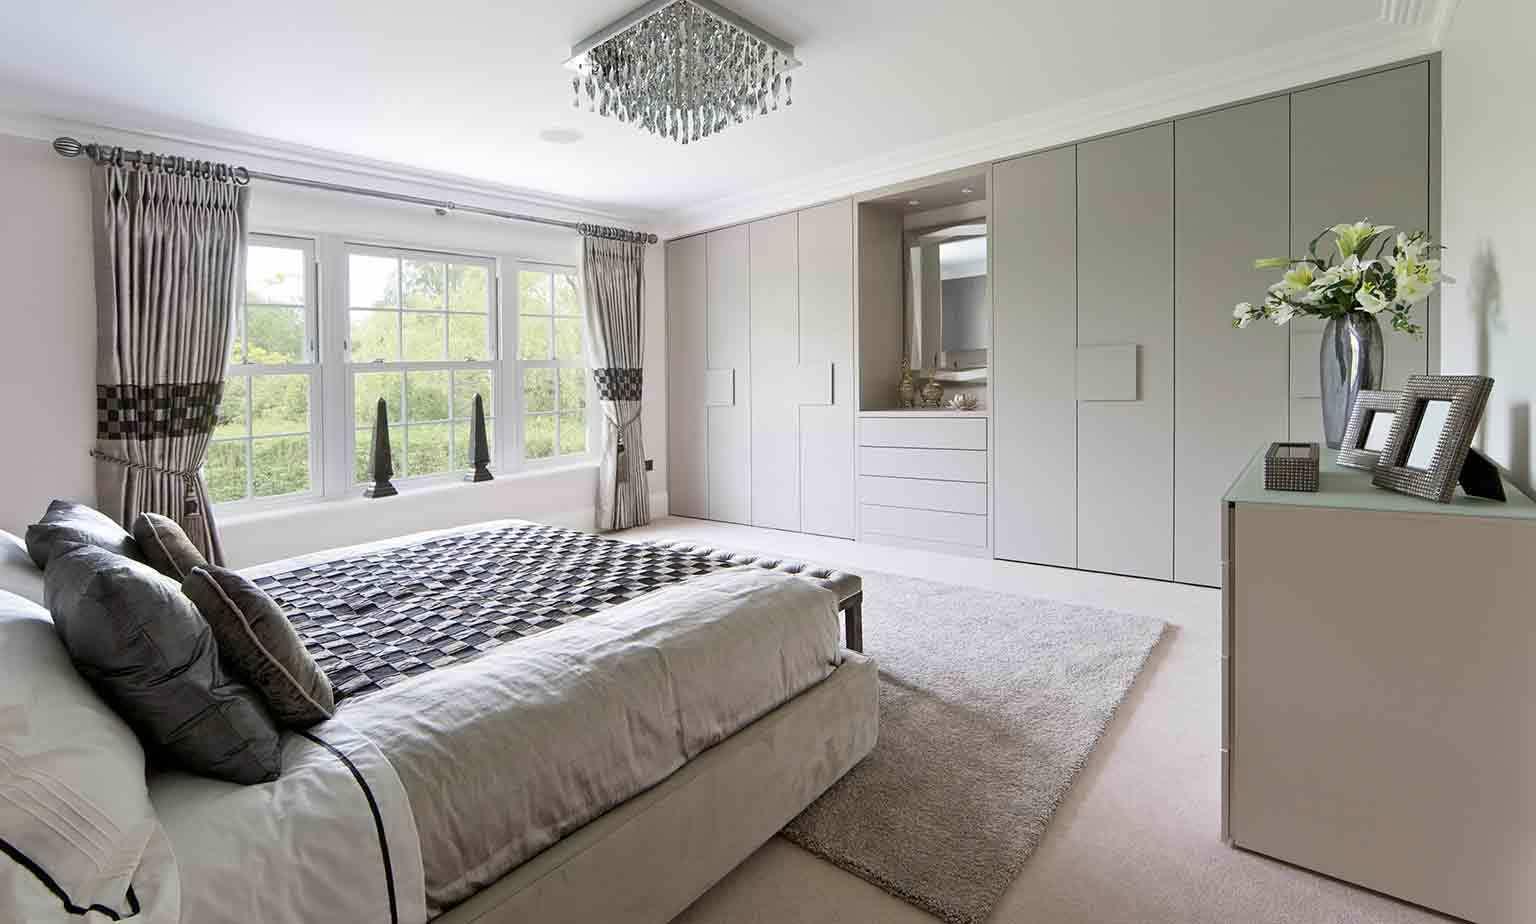 Bedroom Furniture Sets under  150. Bedroom   Beds  Mattresses   Chests of Drawers   eBay